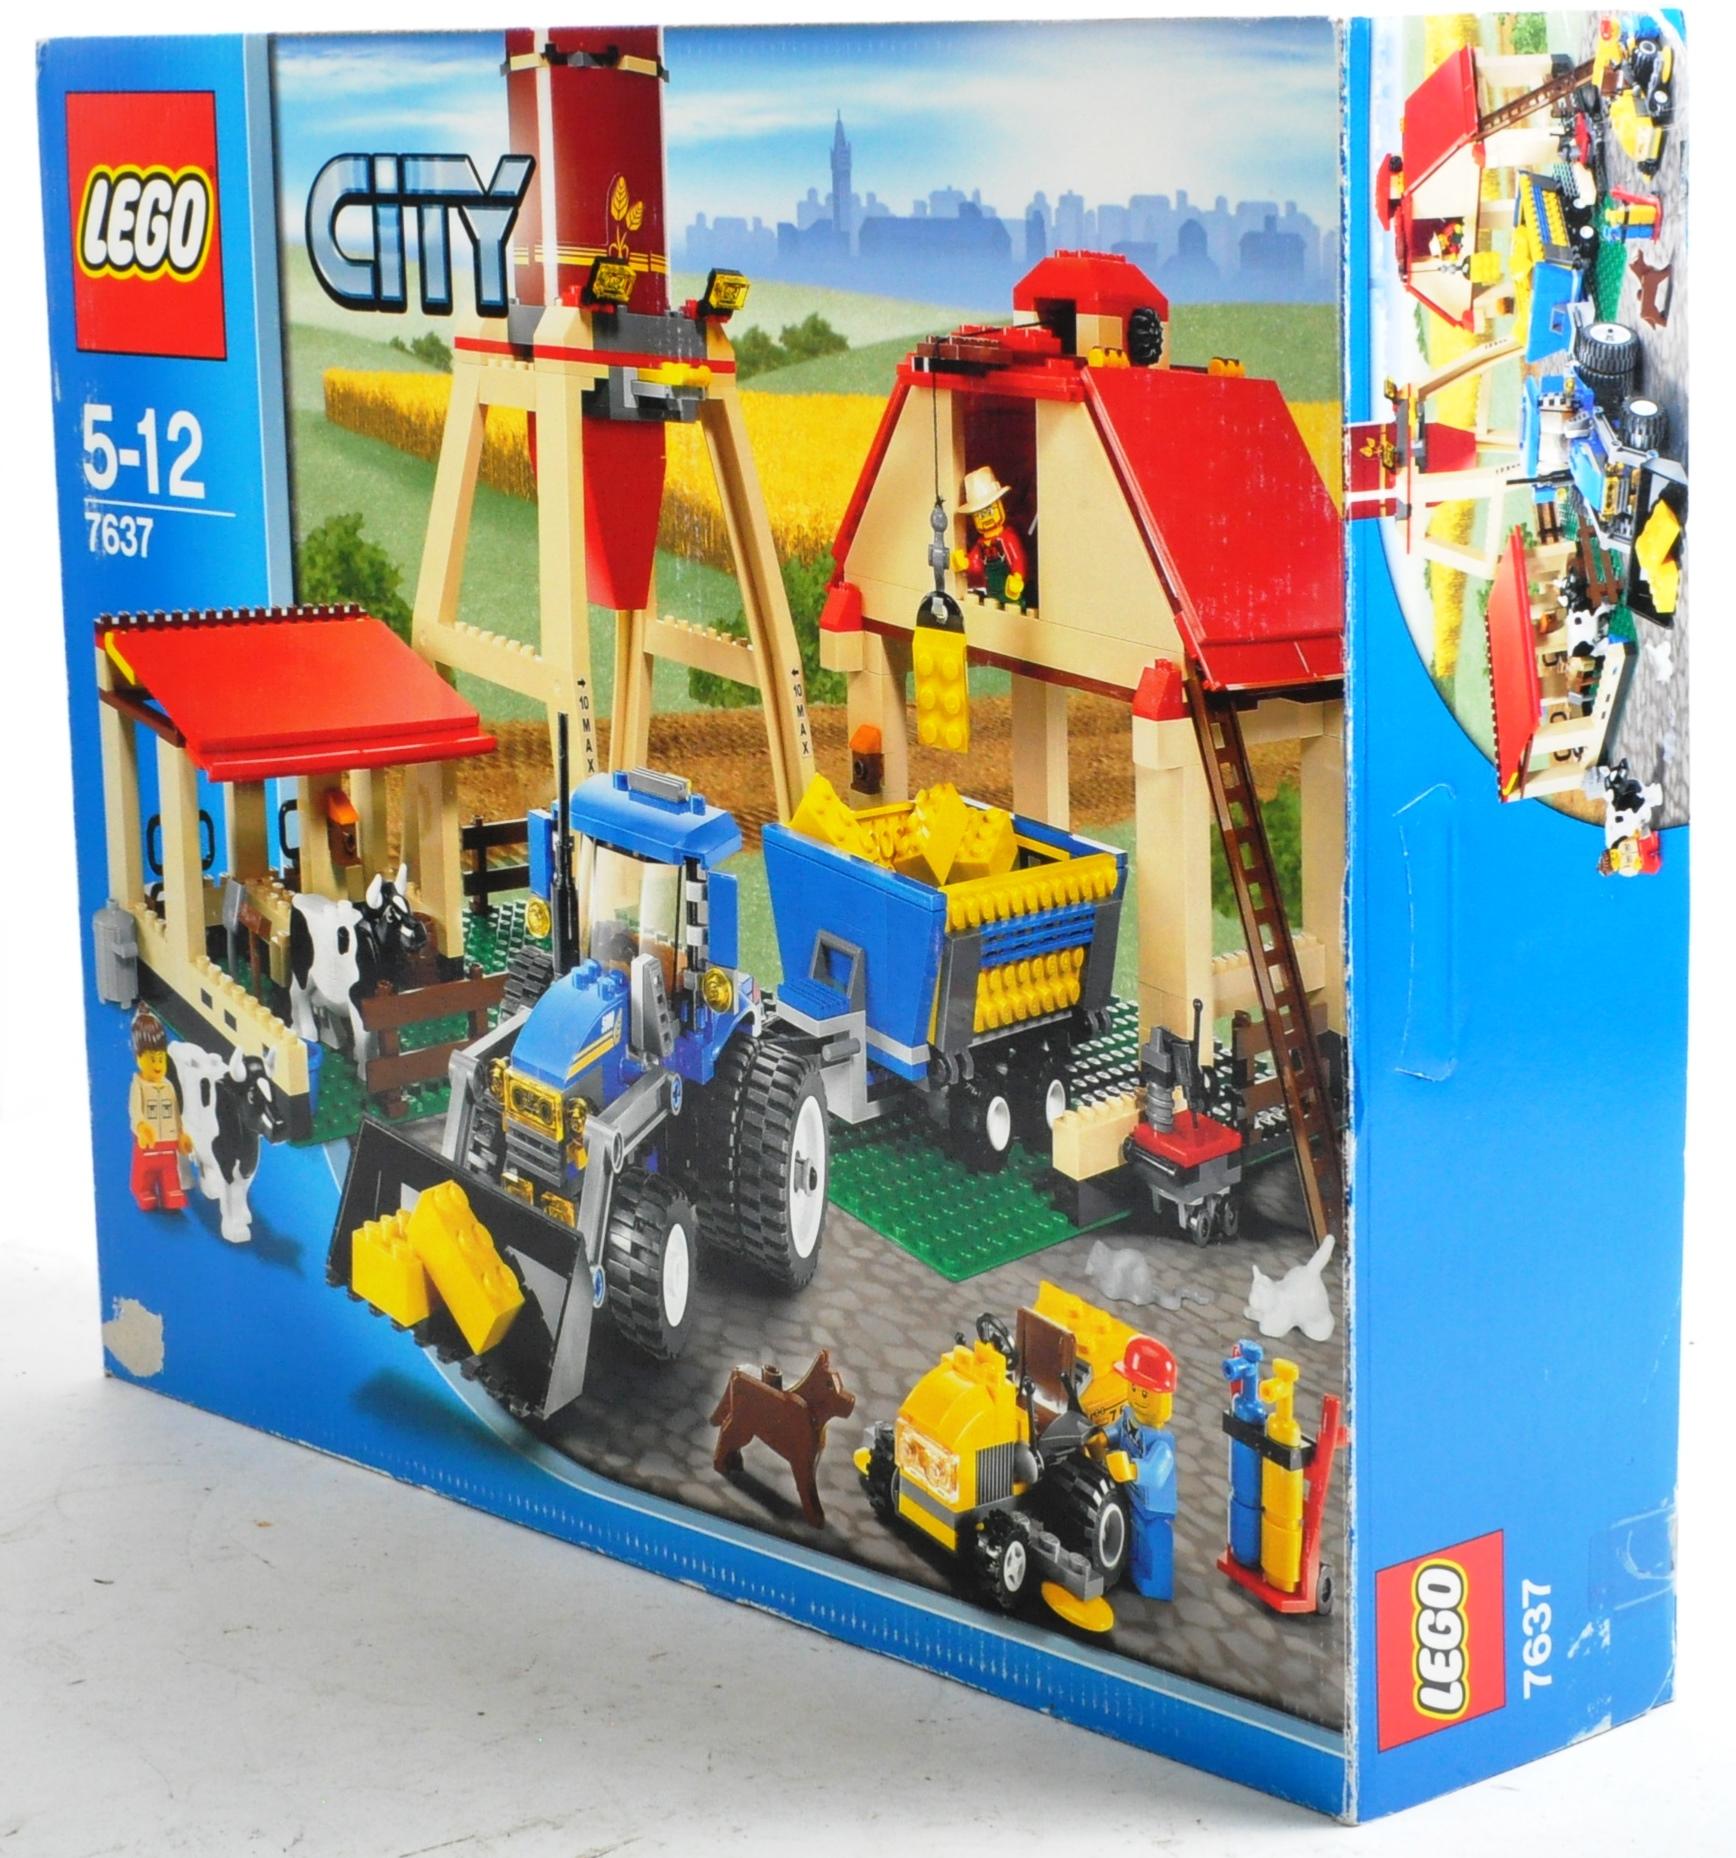 LEGO SET - LEGO CITY - 7637 - LEGO FARM - Image 3 of 4